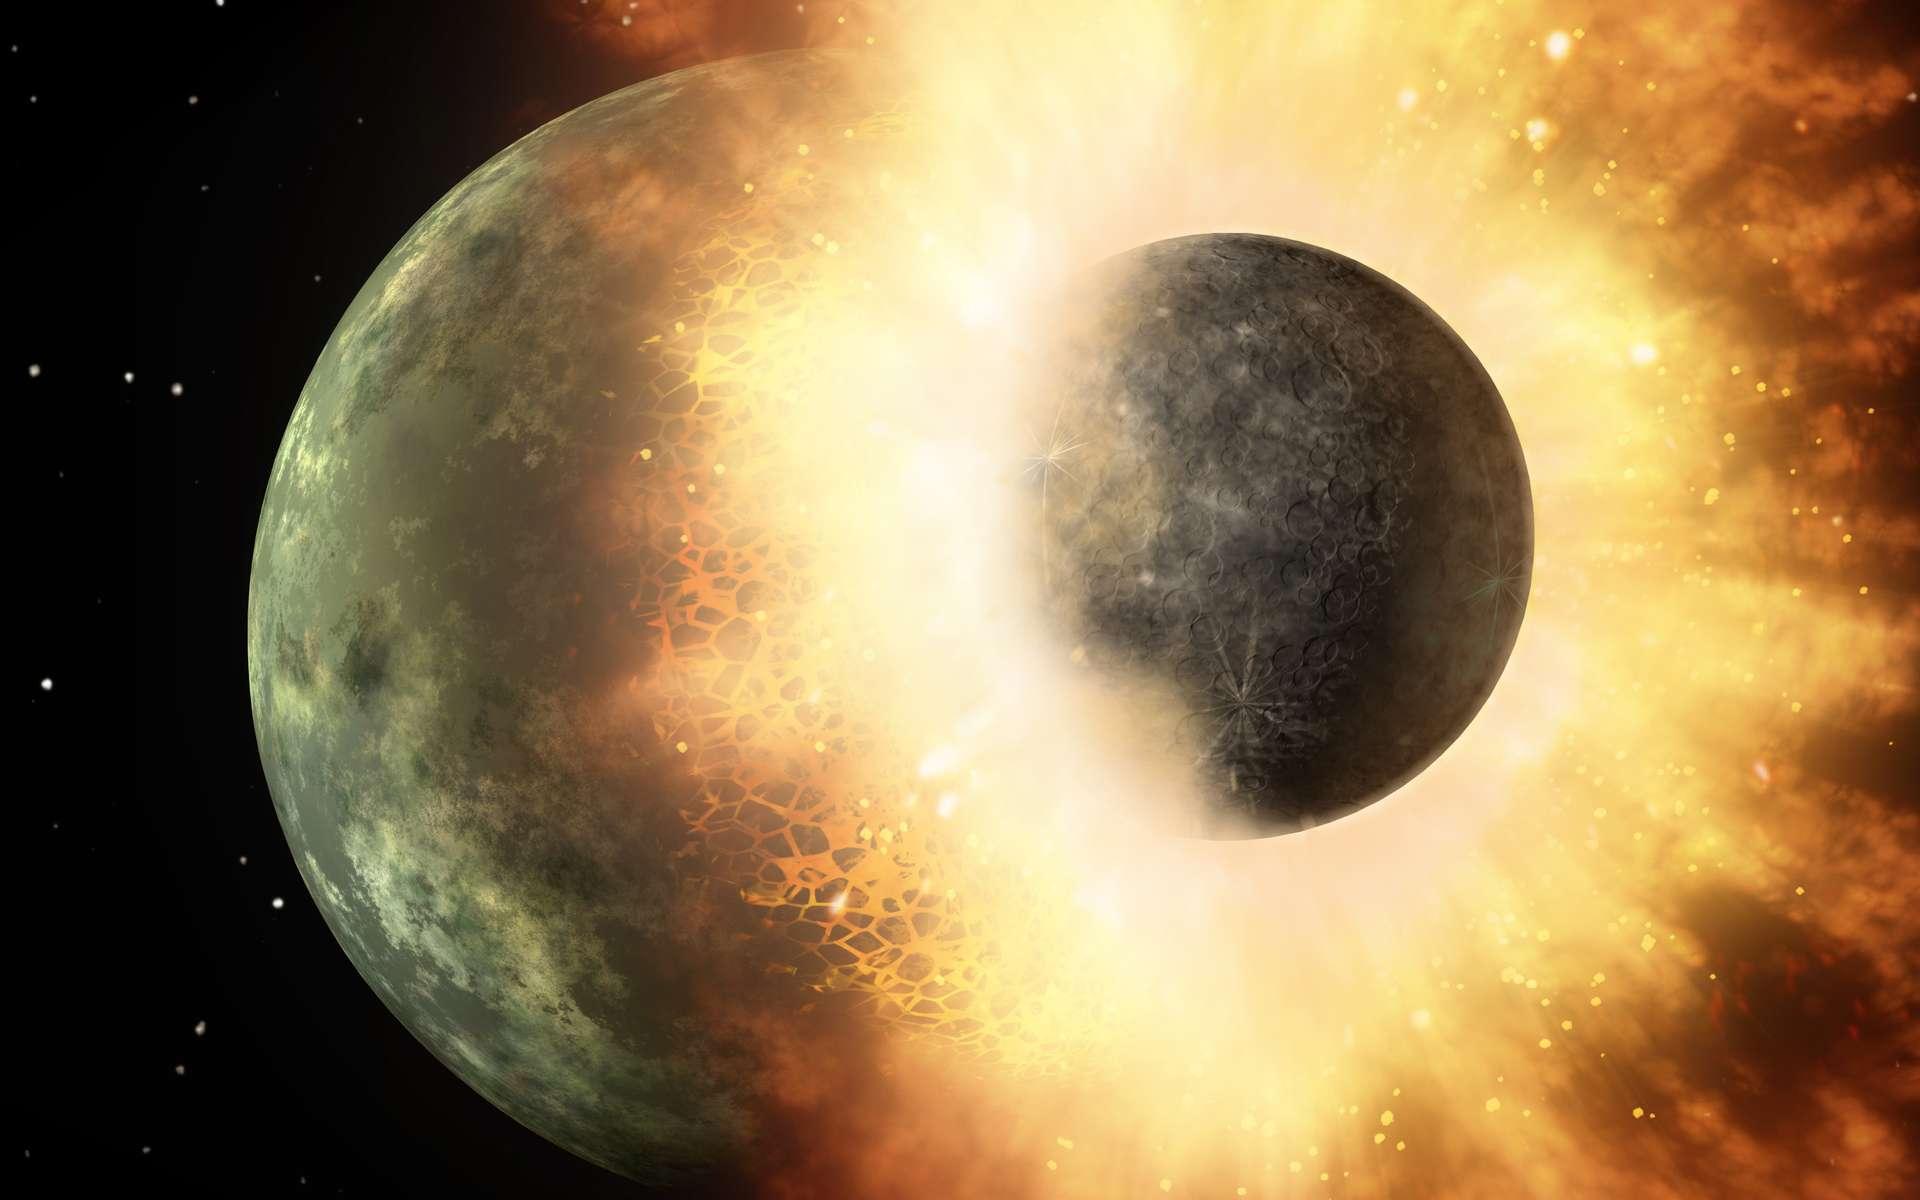 Une autre vue d'artiste montrant la collision de Théia et de la Terre. Là aussi, la grande taille de Théia apparaît conforme à l'un des derniers scénarios proposés pour la formation de la Lune. © Nasa